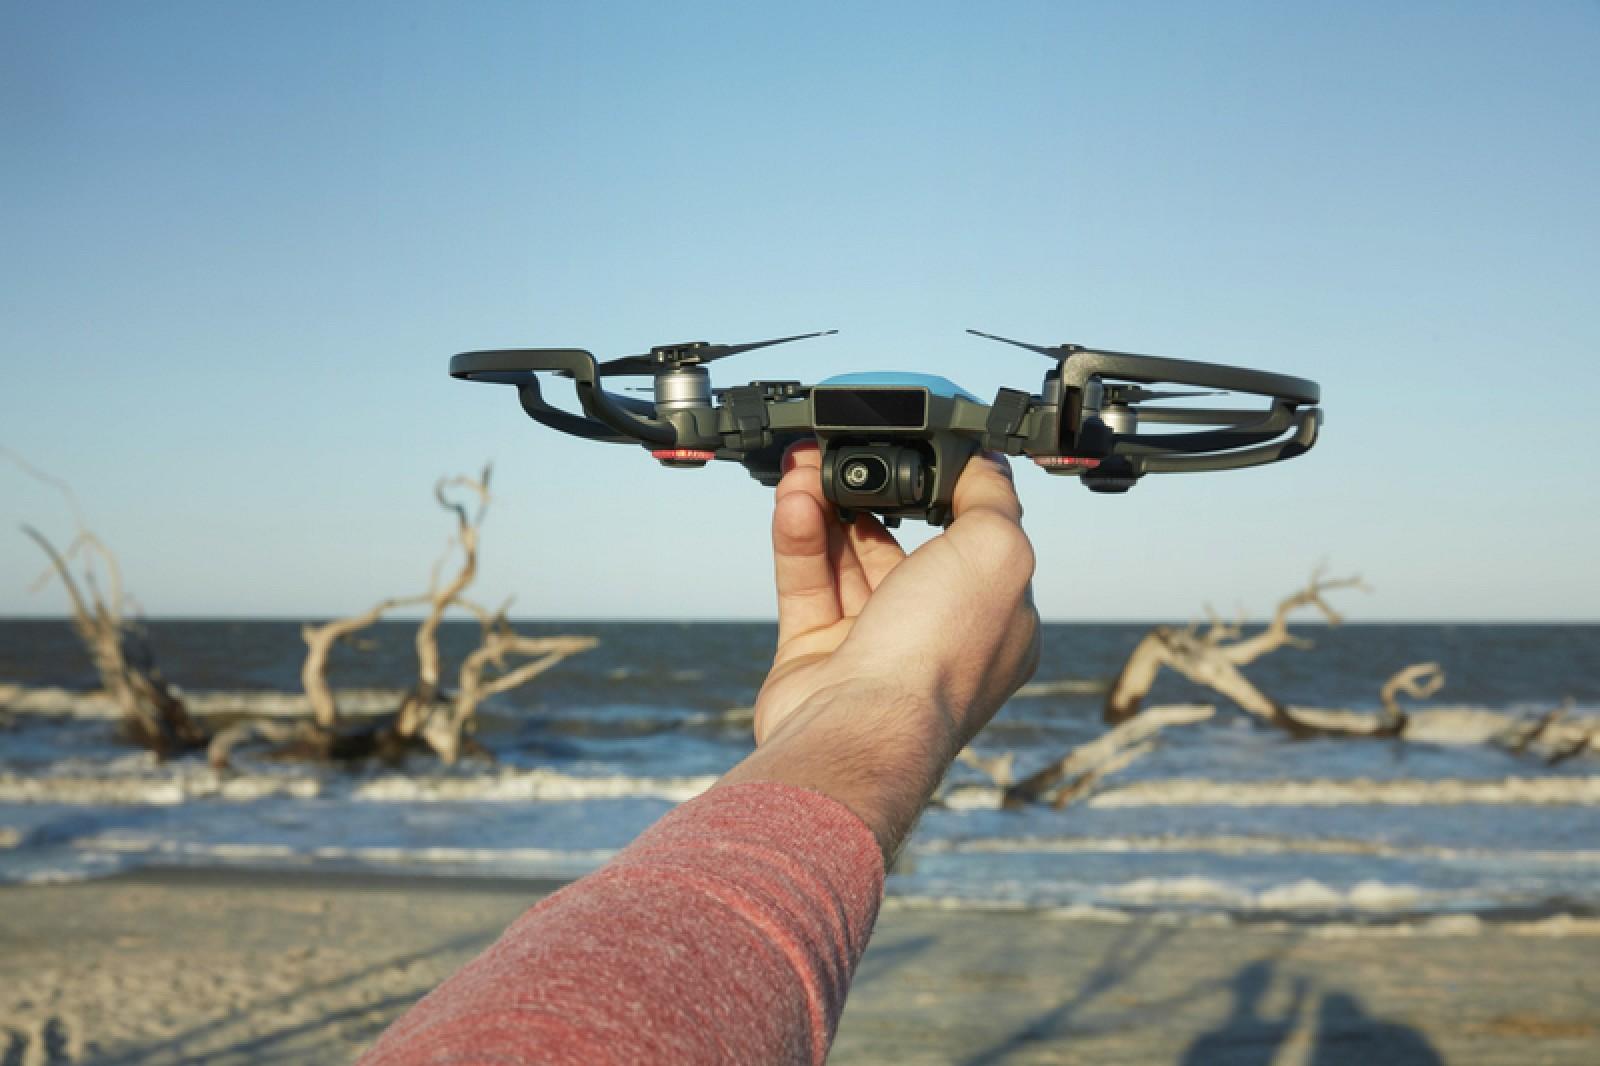 U.S. Department of Homeland Security Seeking New Anti-Drone Legislation in National Security Effort